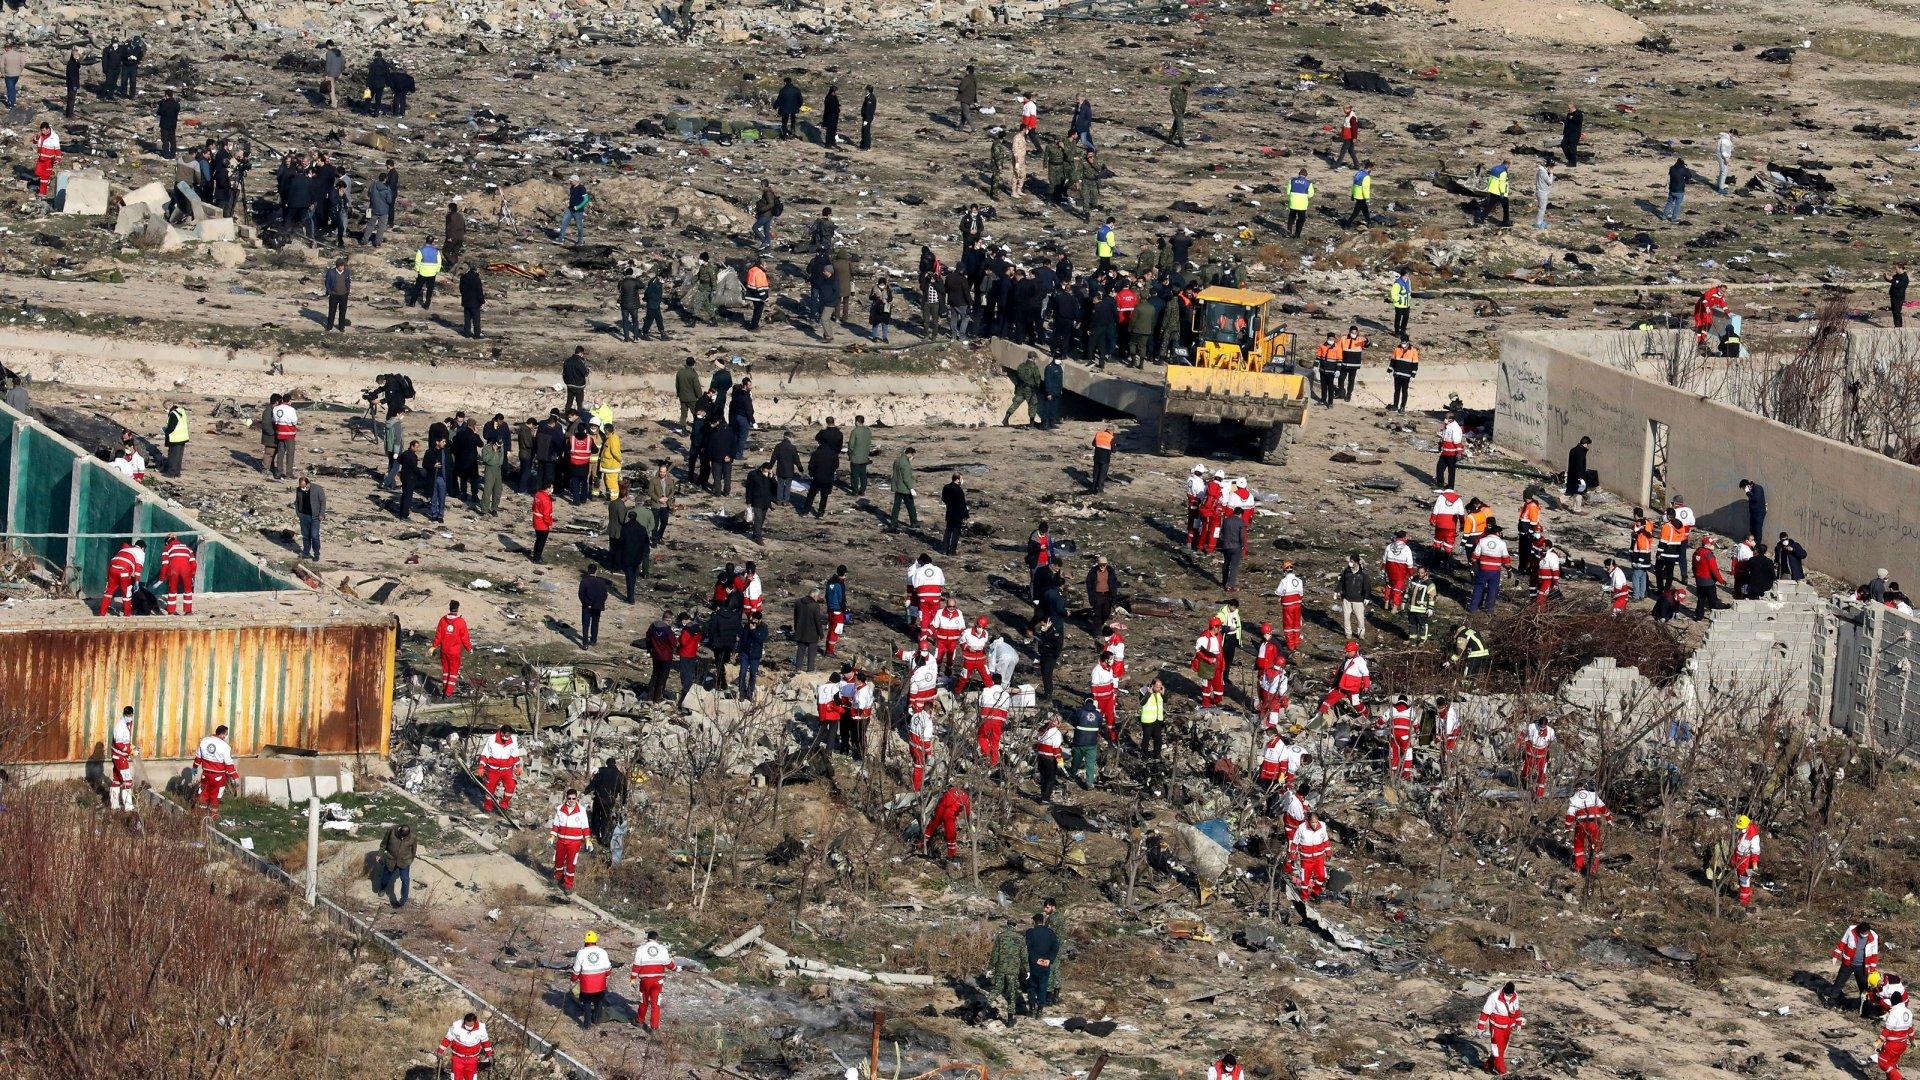 Иран улсын харвасан пуужин Украины онгоцыг унагаасан байж болзошгүй хэмээн таамаглаж байна